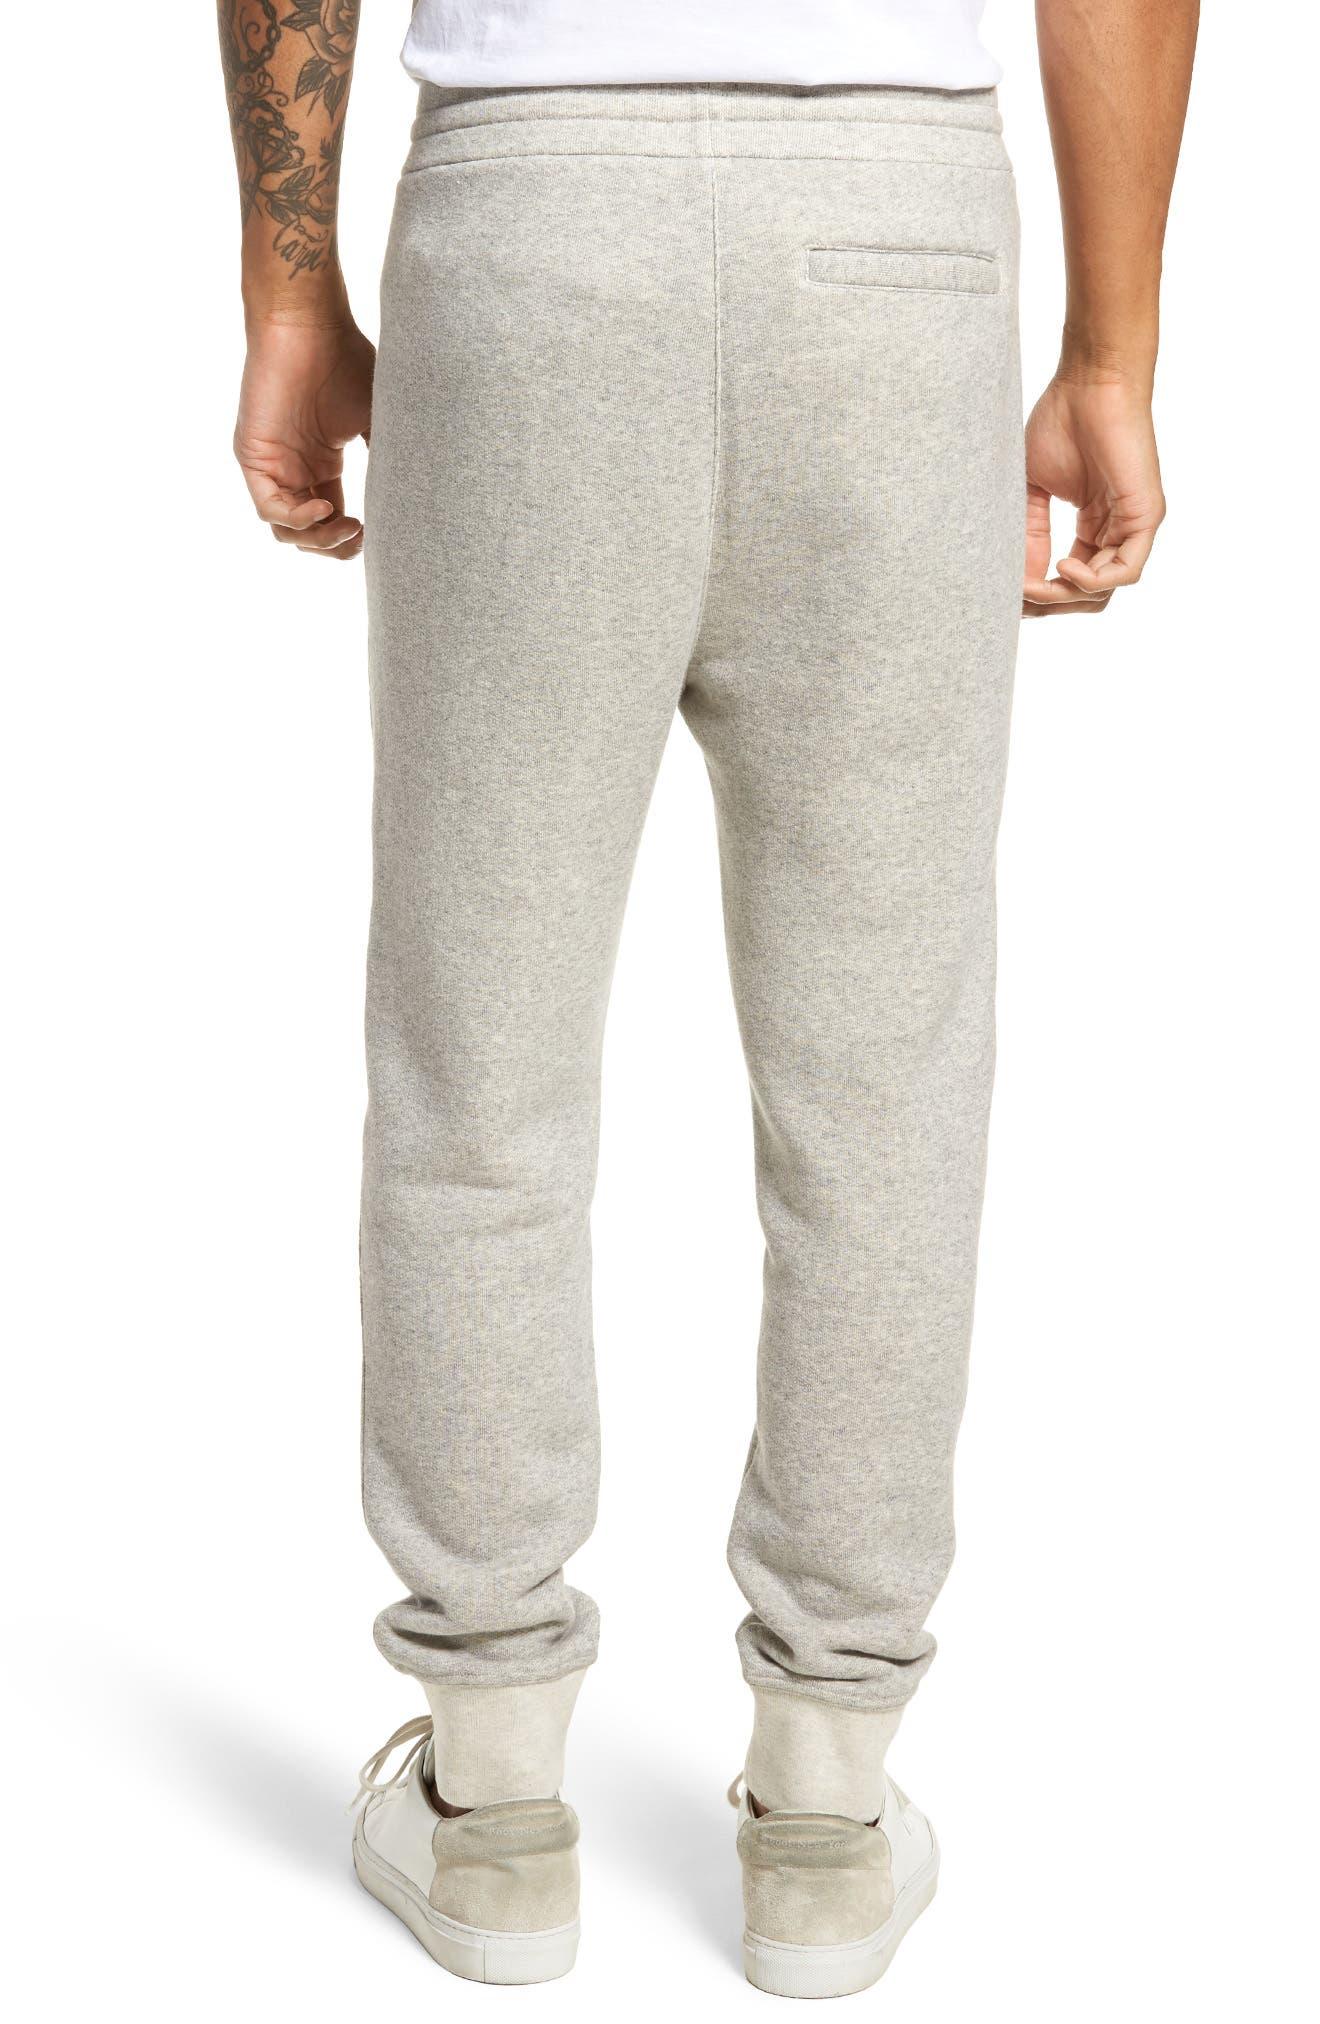 Plush Cotton Jogger Pants,                             Alternate thumbnail 2, color,                             LIGHT HEATHER GREY